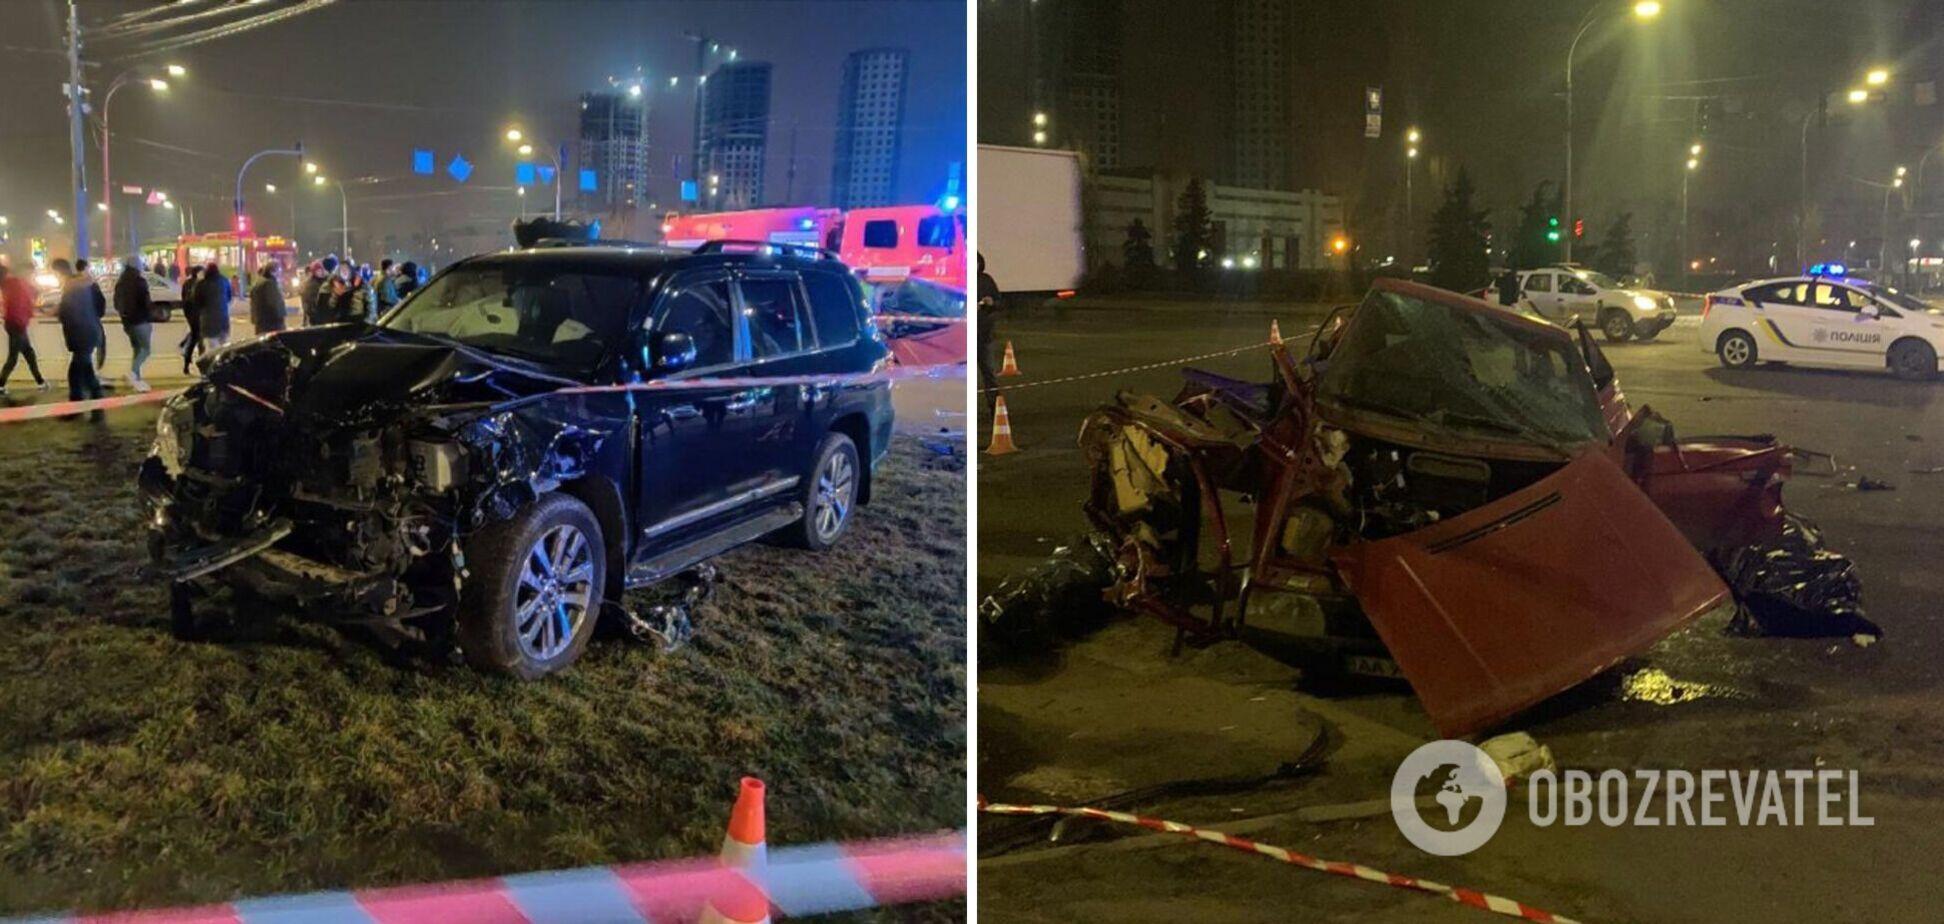 Водію позашляховика, який п'яним влаштував смертельну ДТП у Києві, оголосили підозру